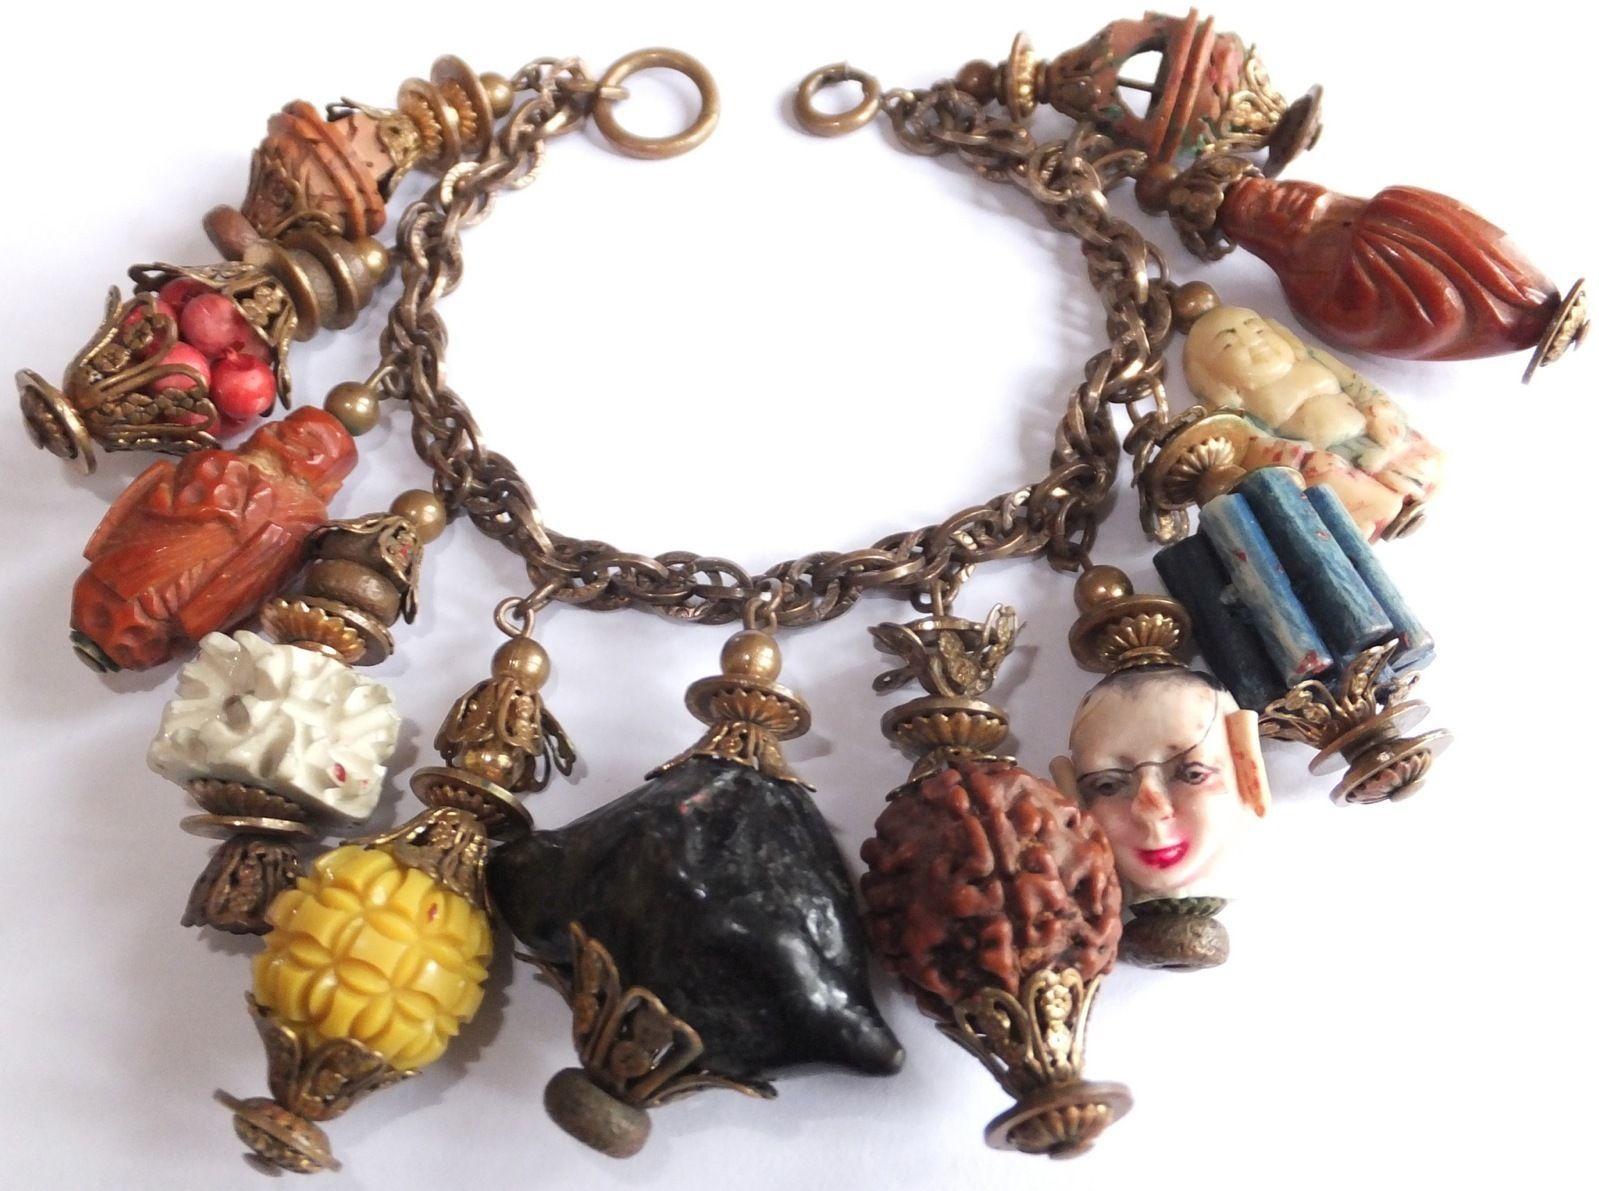 32+ How to identify brighton jewelry info